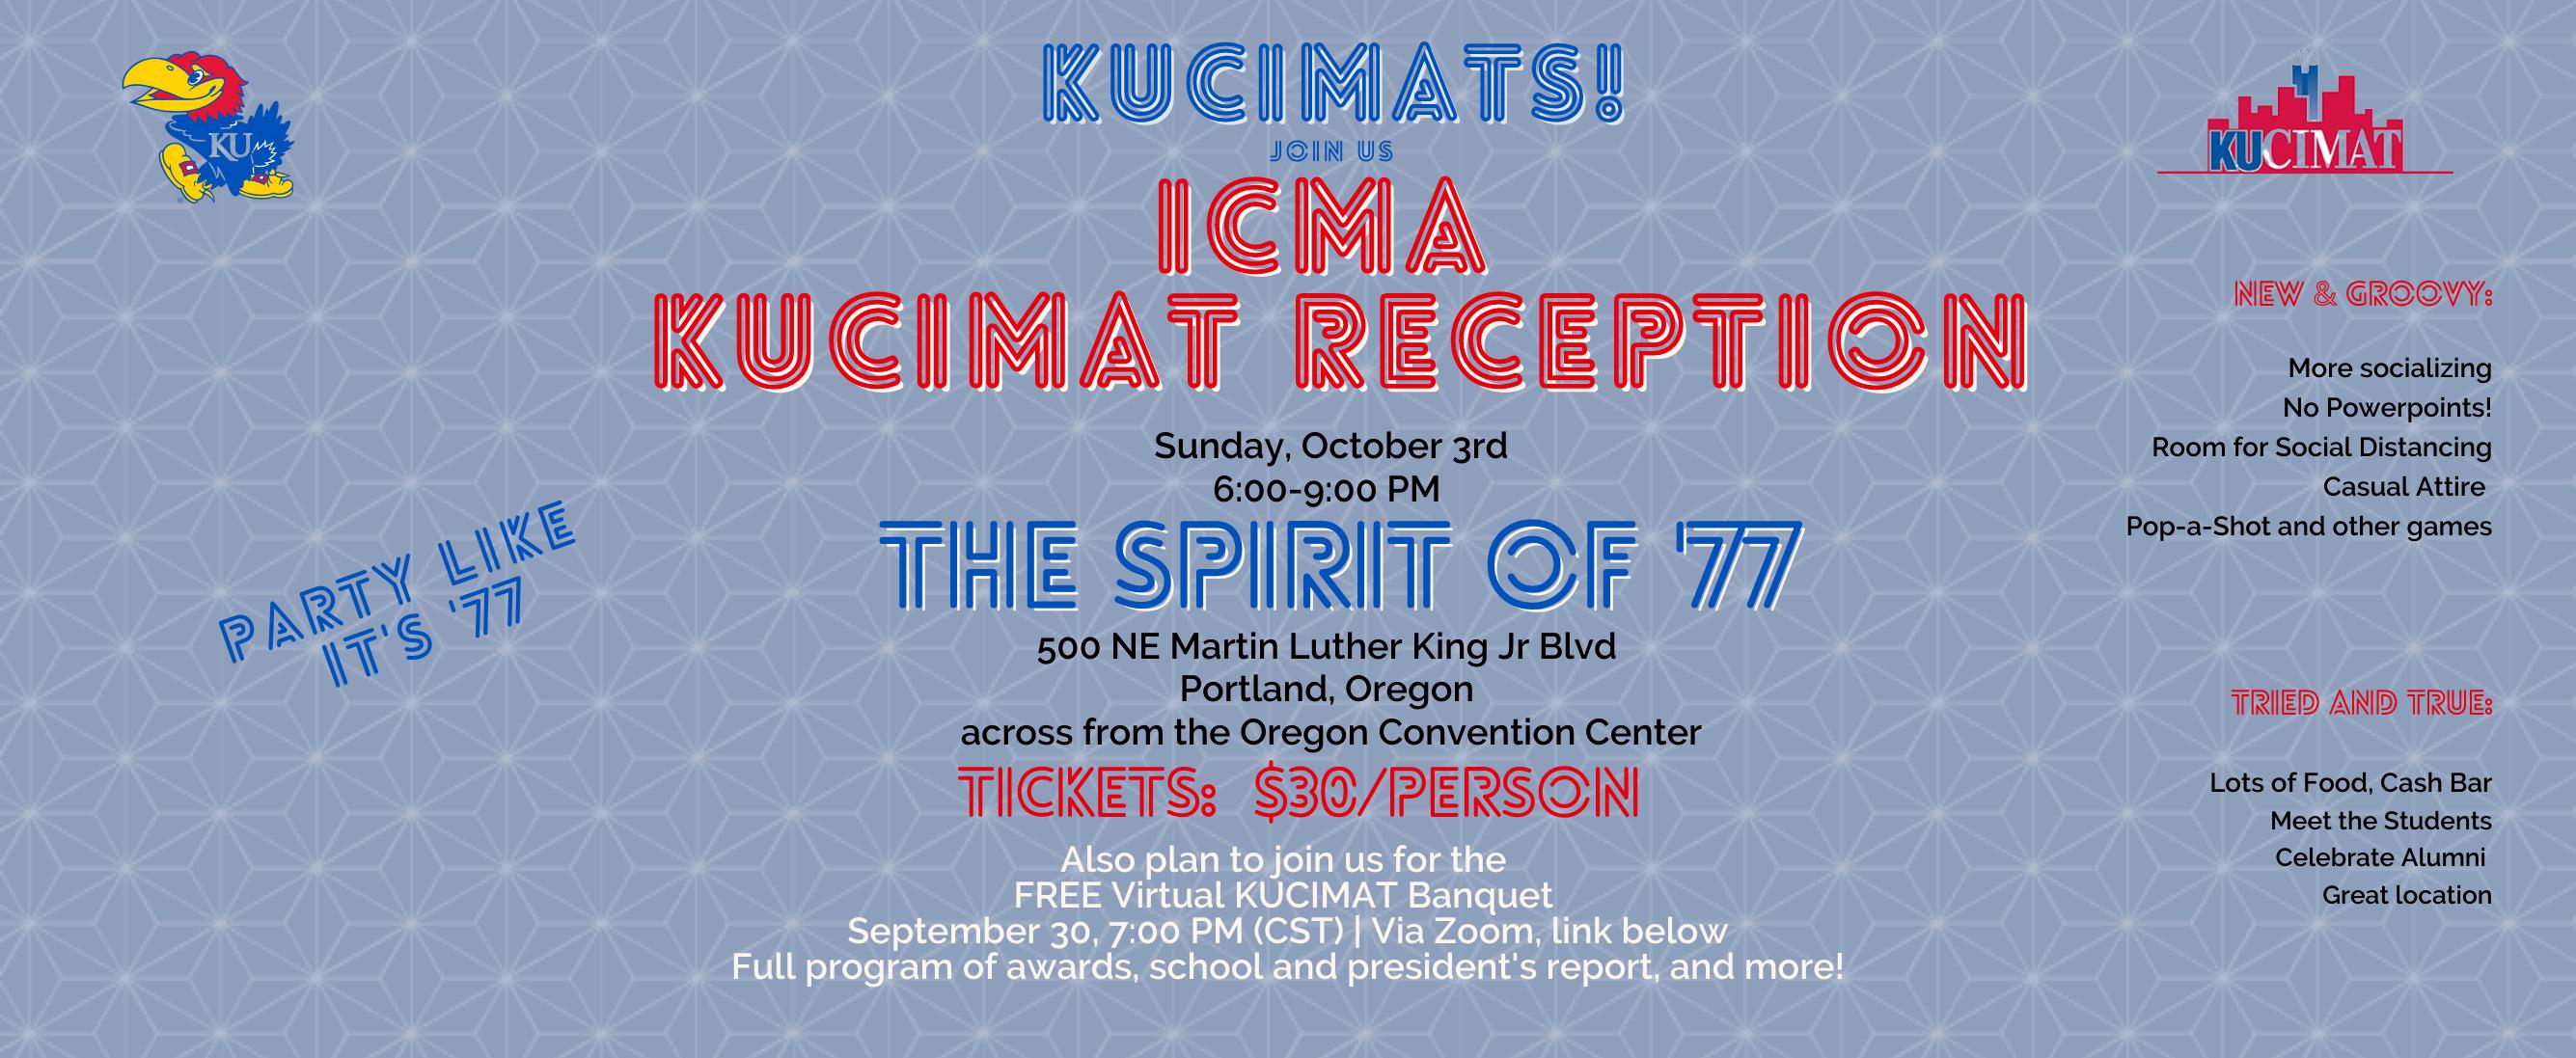 ICMA KUCIMAT Reception